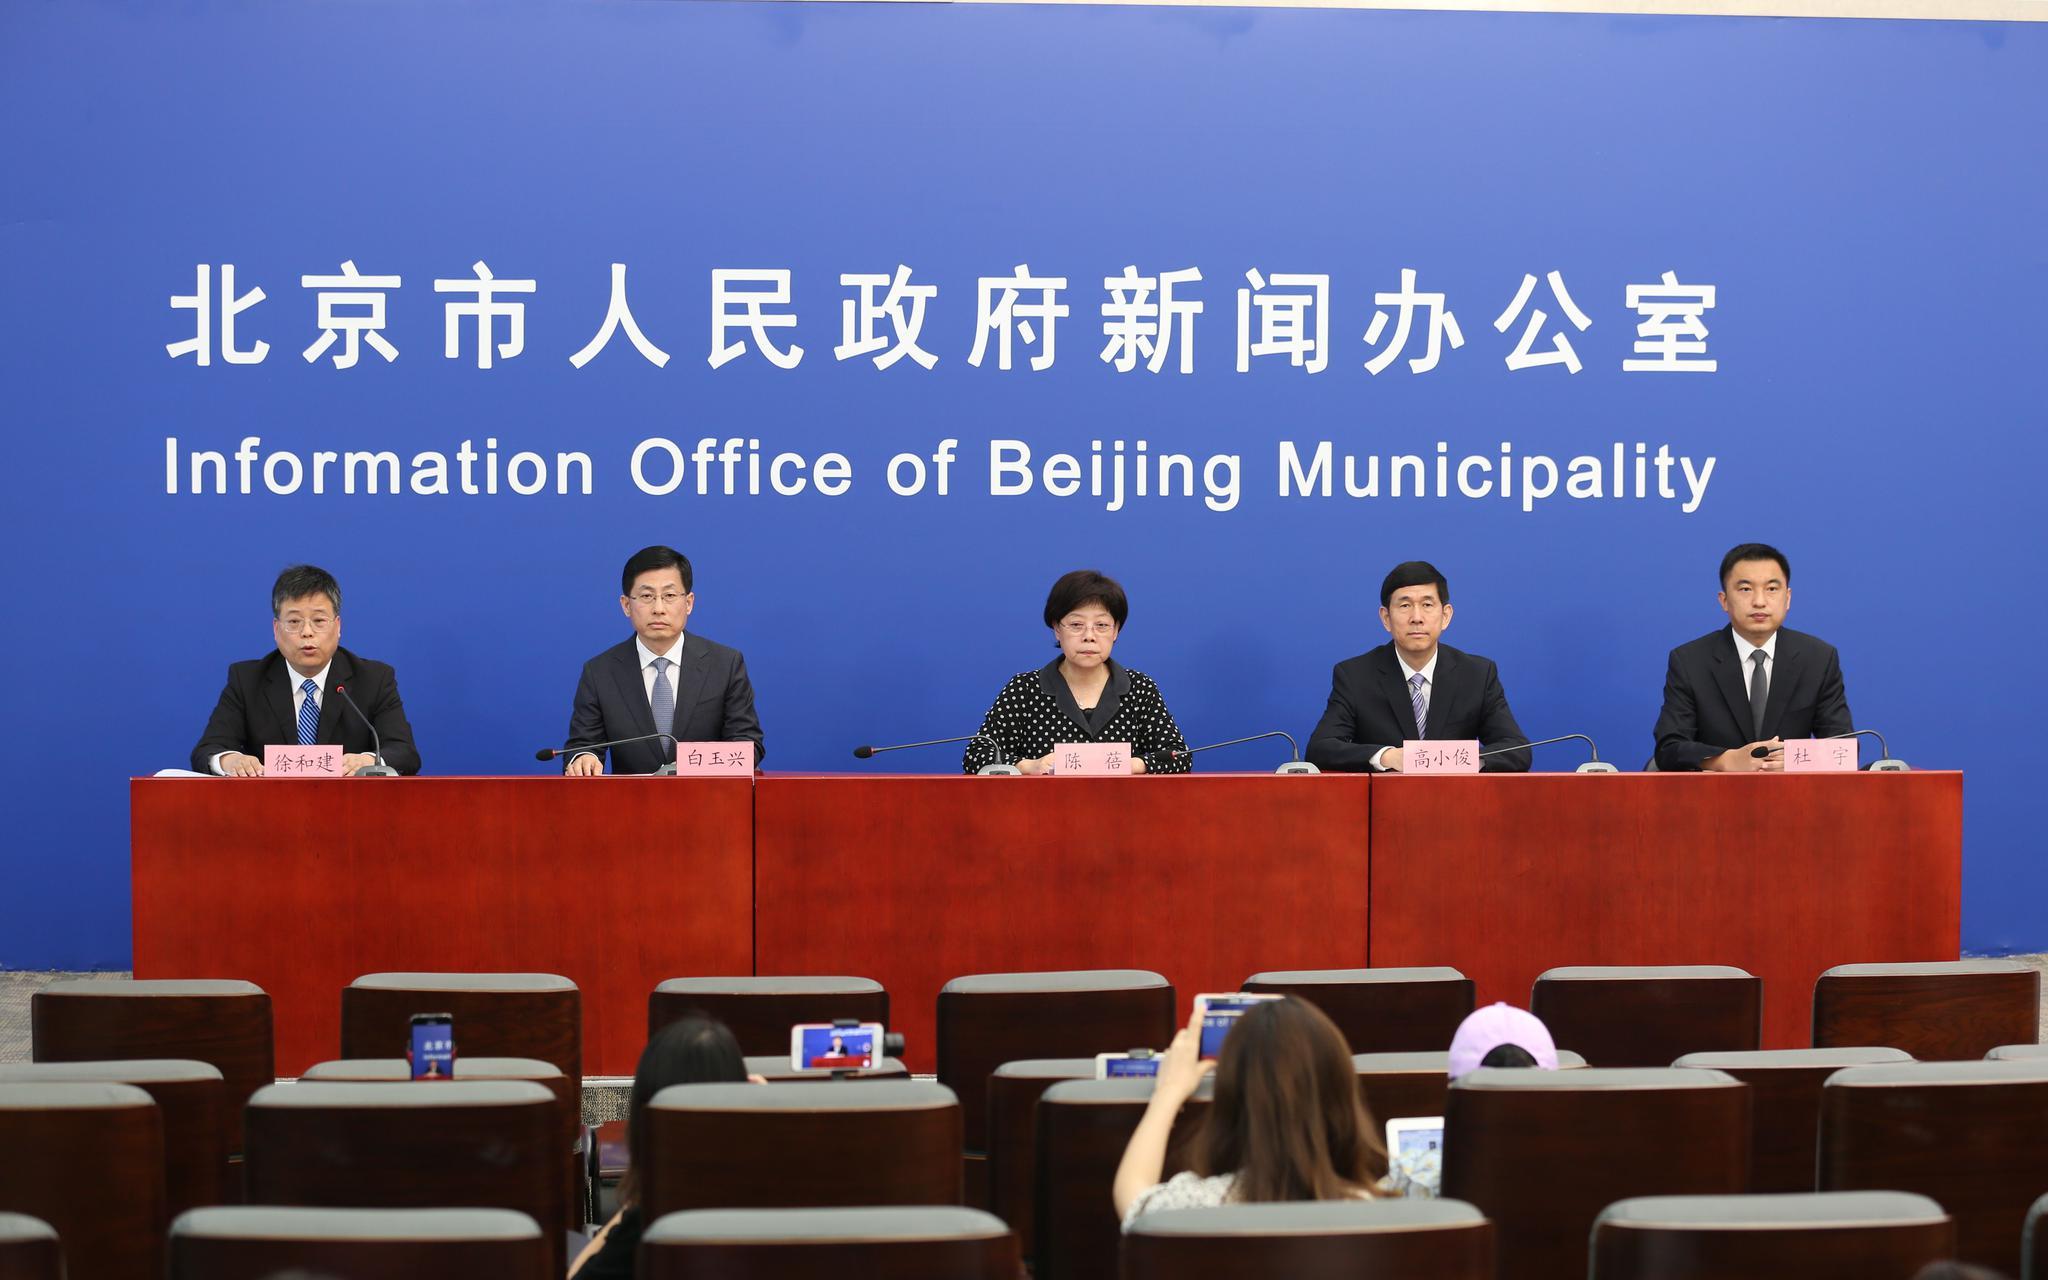 杏悦:北京下调响应级别疫情防控仍不可杏悦放松图片